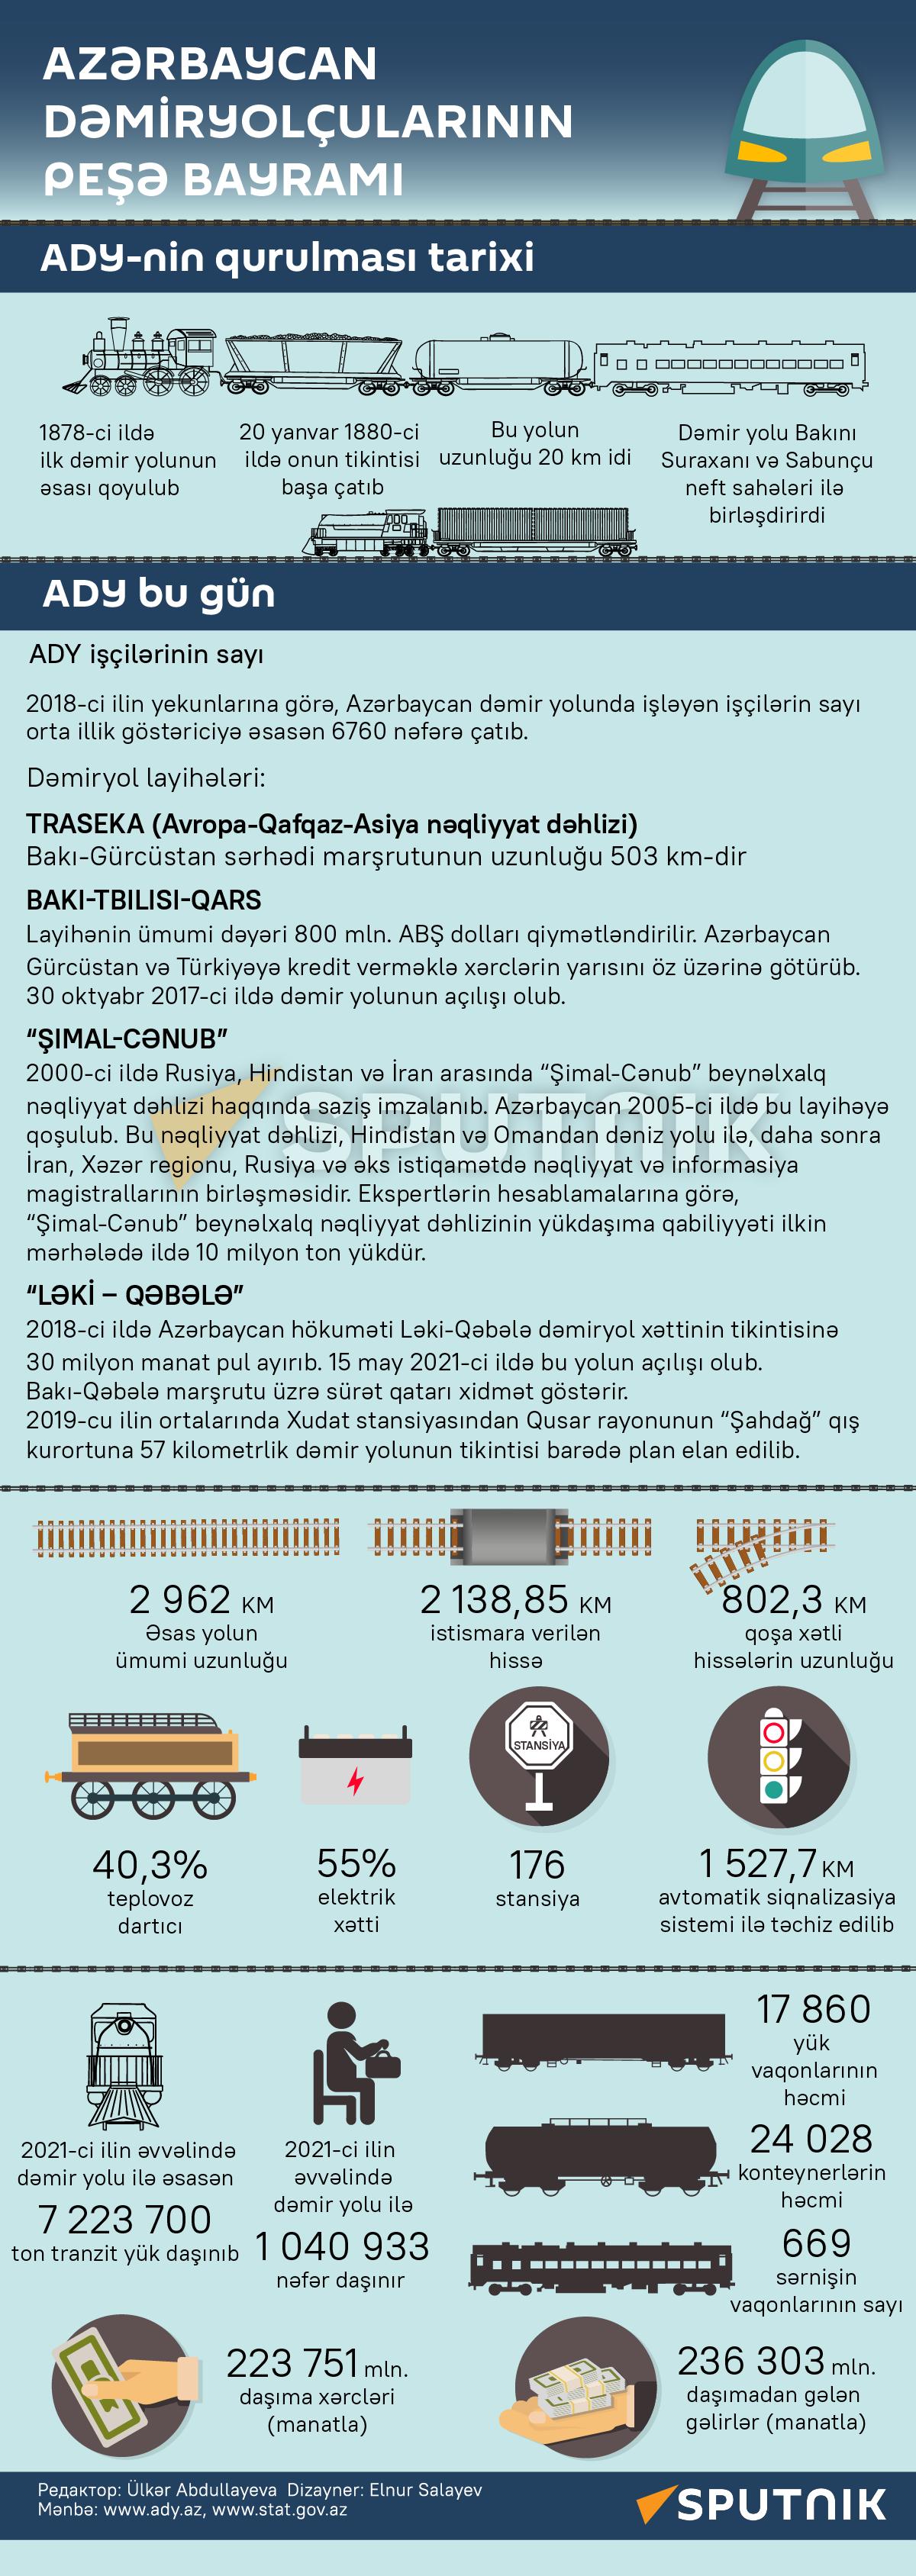 İnfoqrafika: Azərbaycan dəmiryolçualarının peşə bayramı - Sputnik Azərbaycan